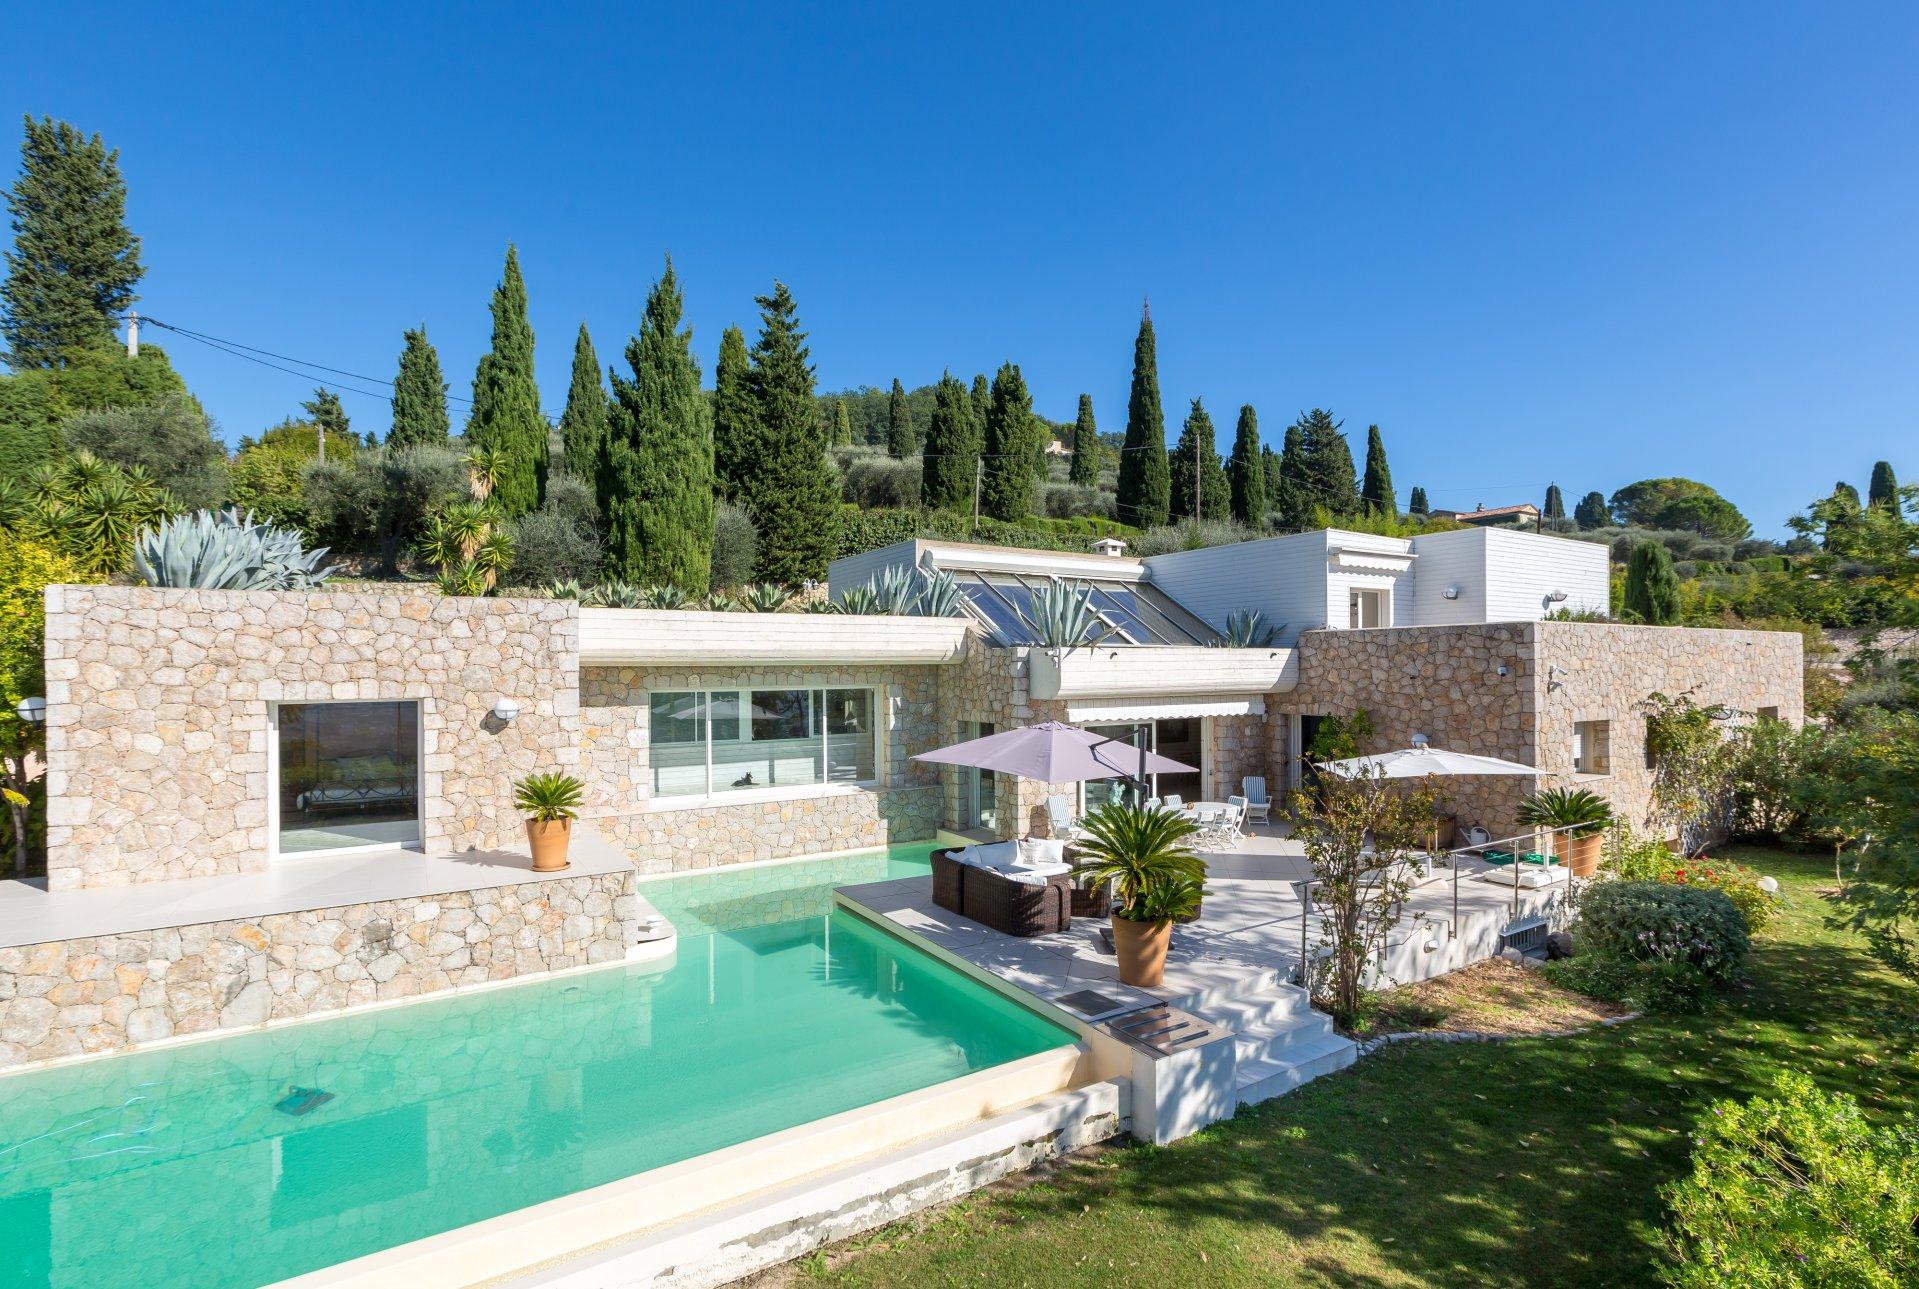 ad sale property grasse 06130 7 rooms ref v2400va. Black Bedroom Furniture Sets. Home Design Ideas